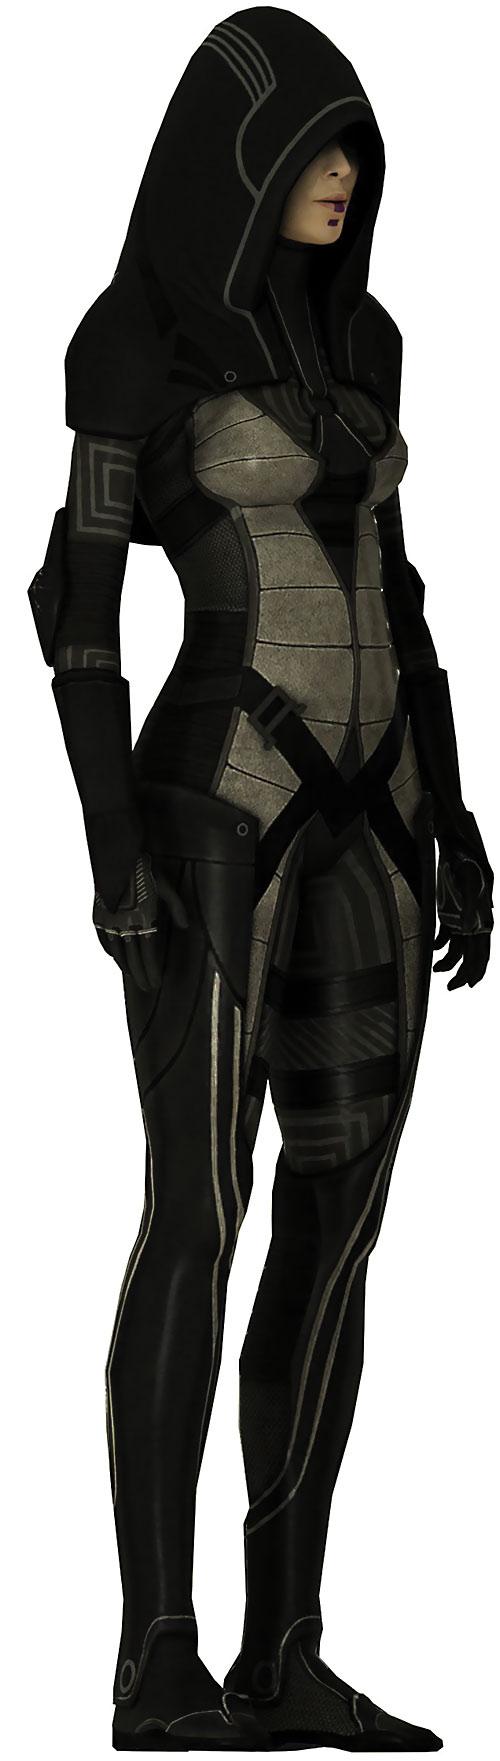 Kasumi Goto (Mass Effect) character model